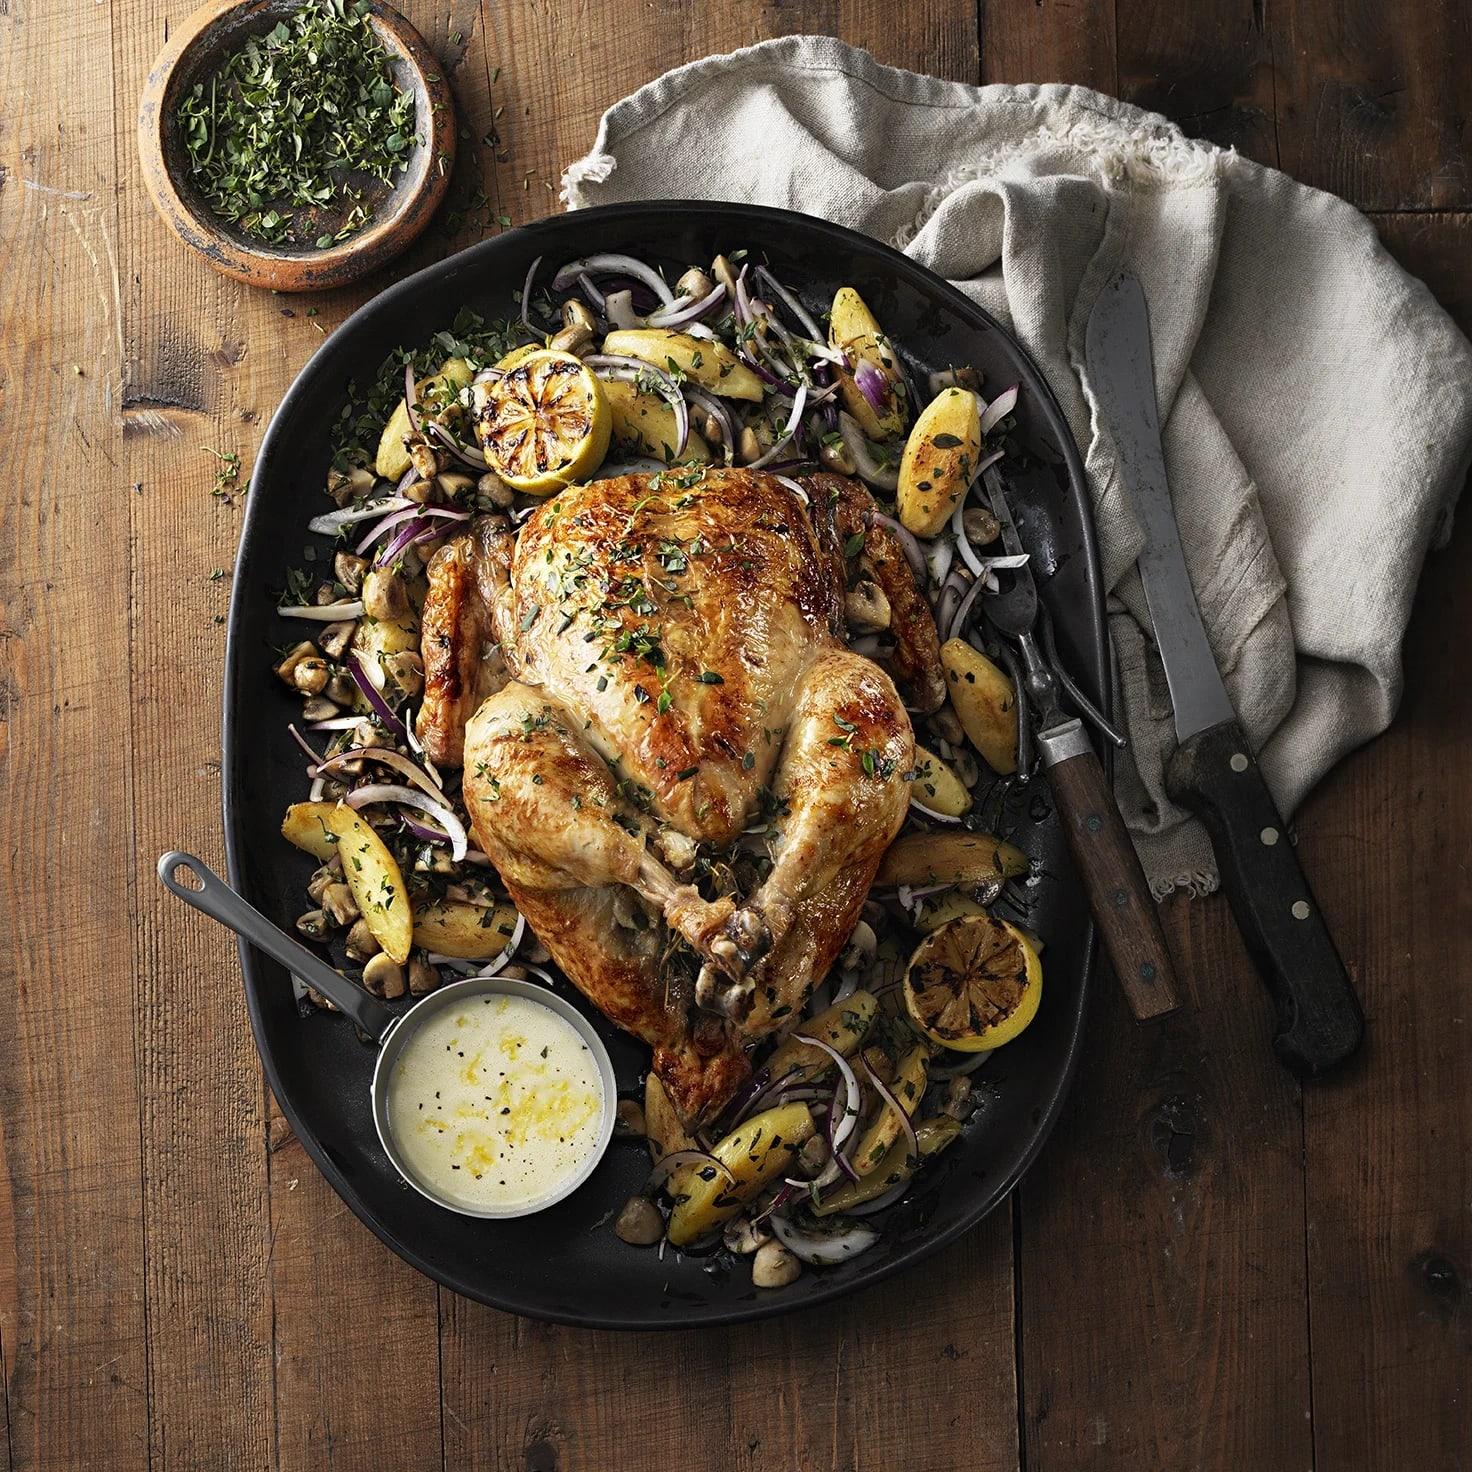 tillagningstid hel kyckling i ugn